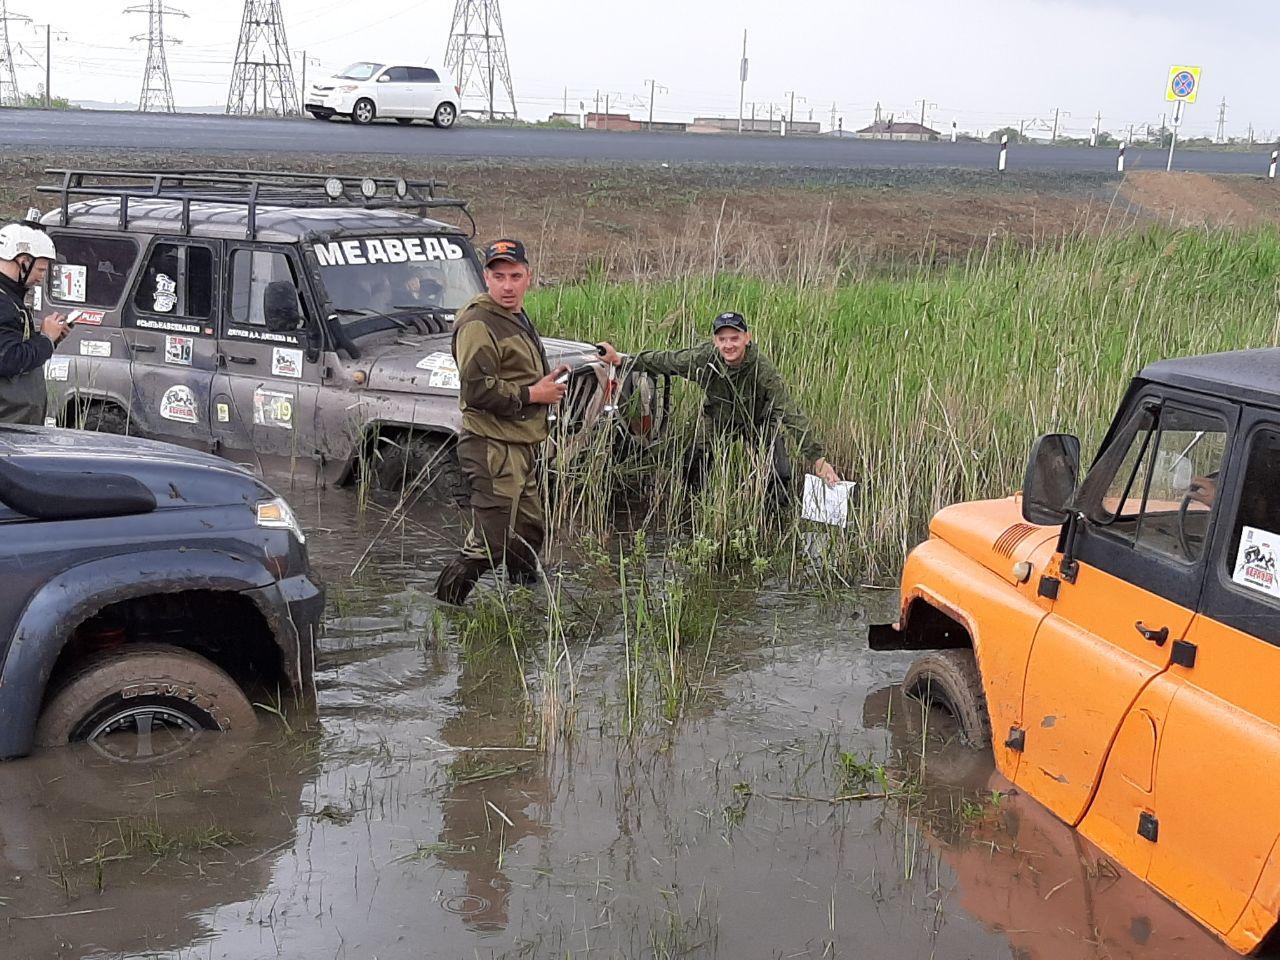 Джип-триал: Оренбуржье ждет зрелищное автошоу - Новости Оренбурга и Оренбургской области на РИА56